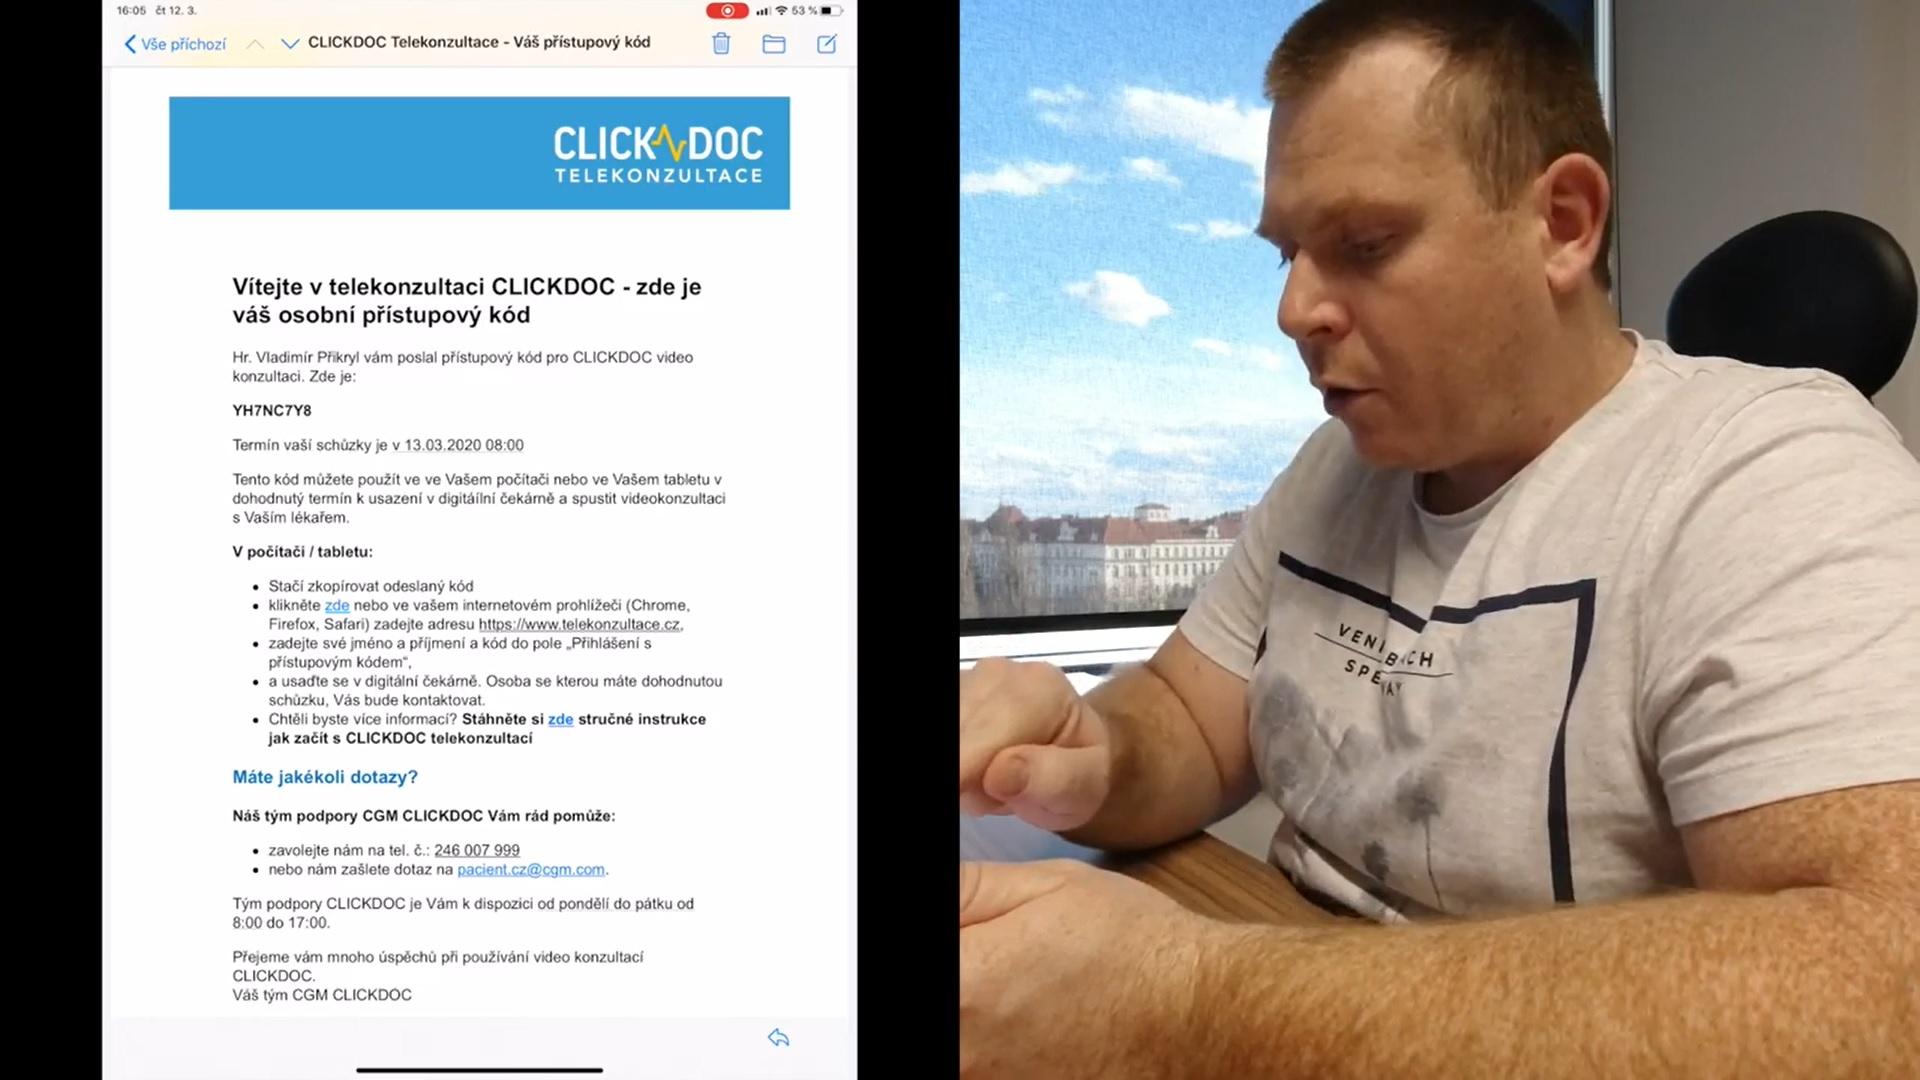 Pacient dostáva takúto on-line pozvánku a nemusí sa nikam registrovať